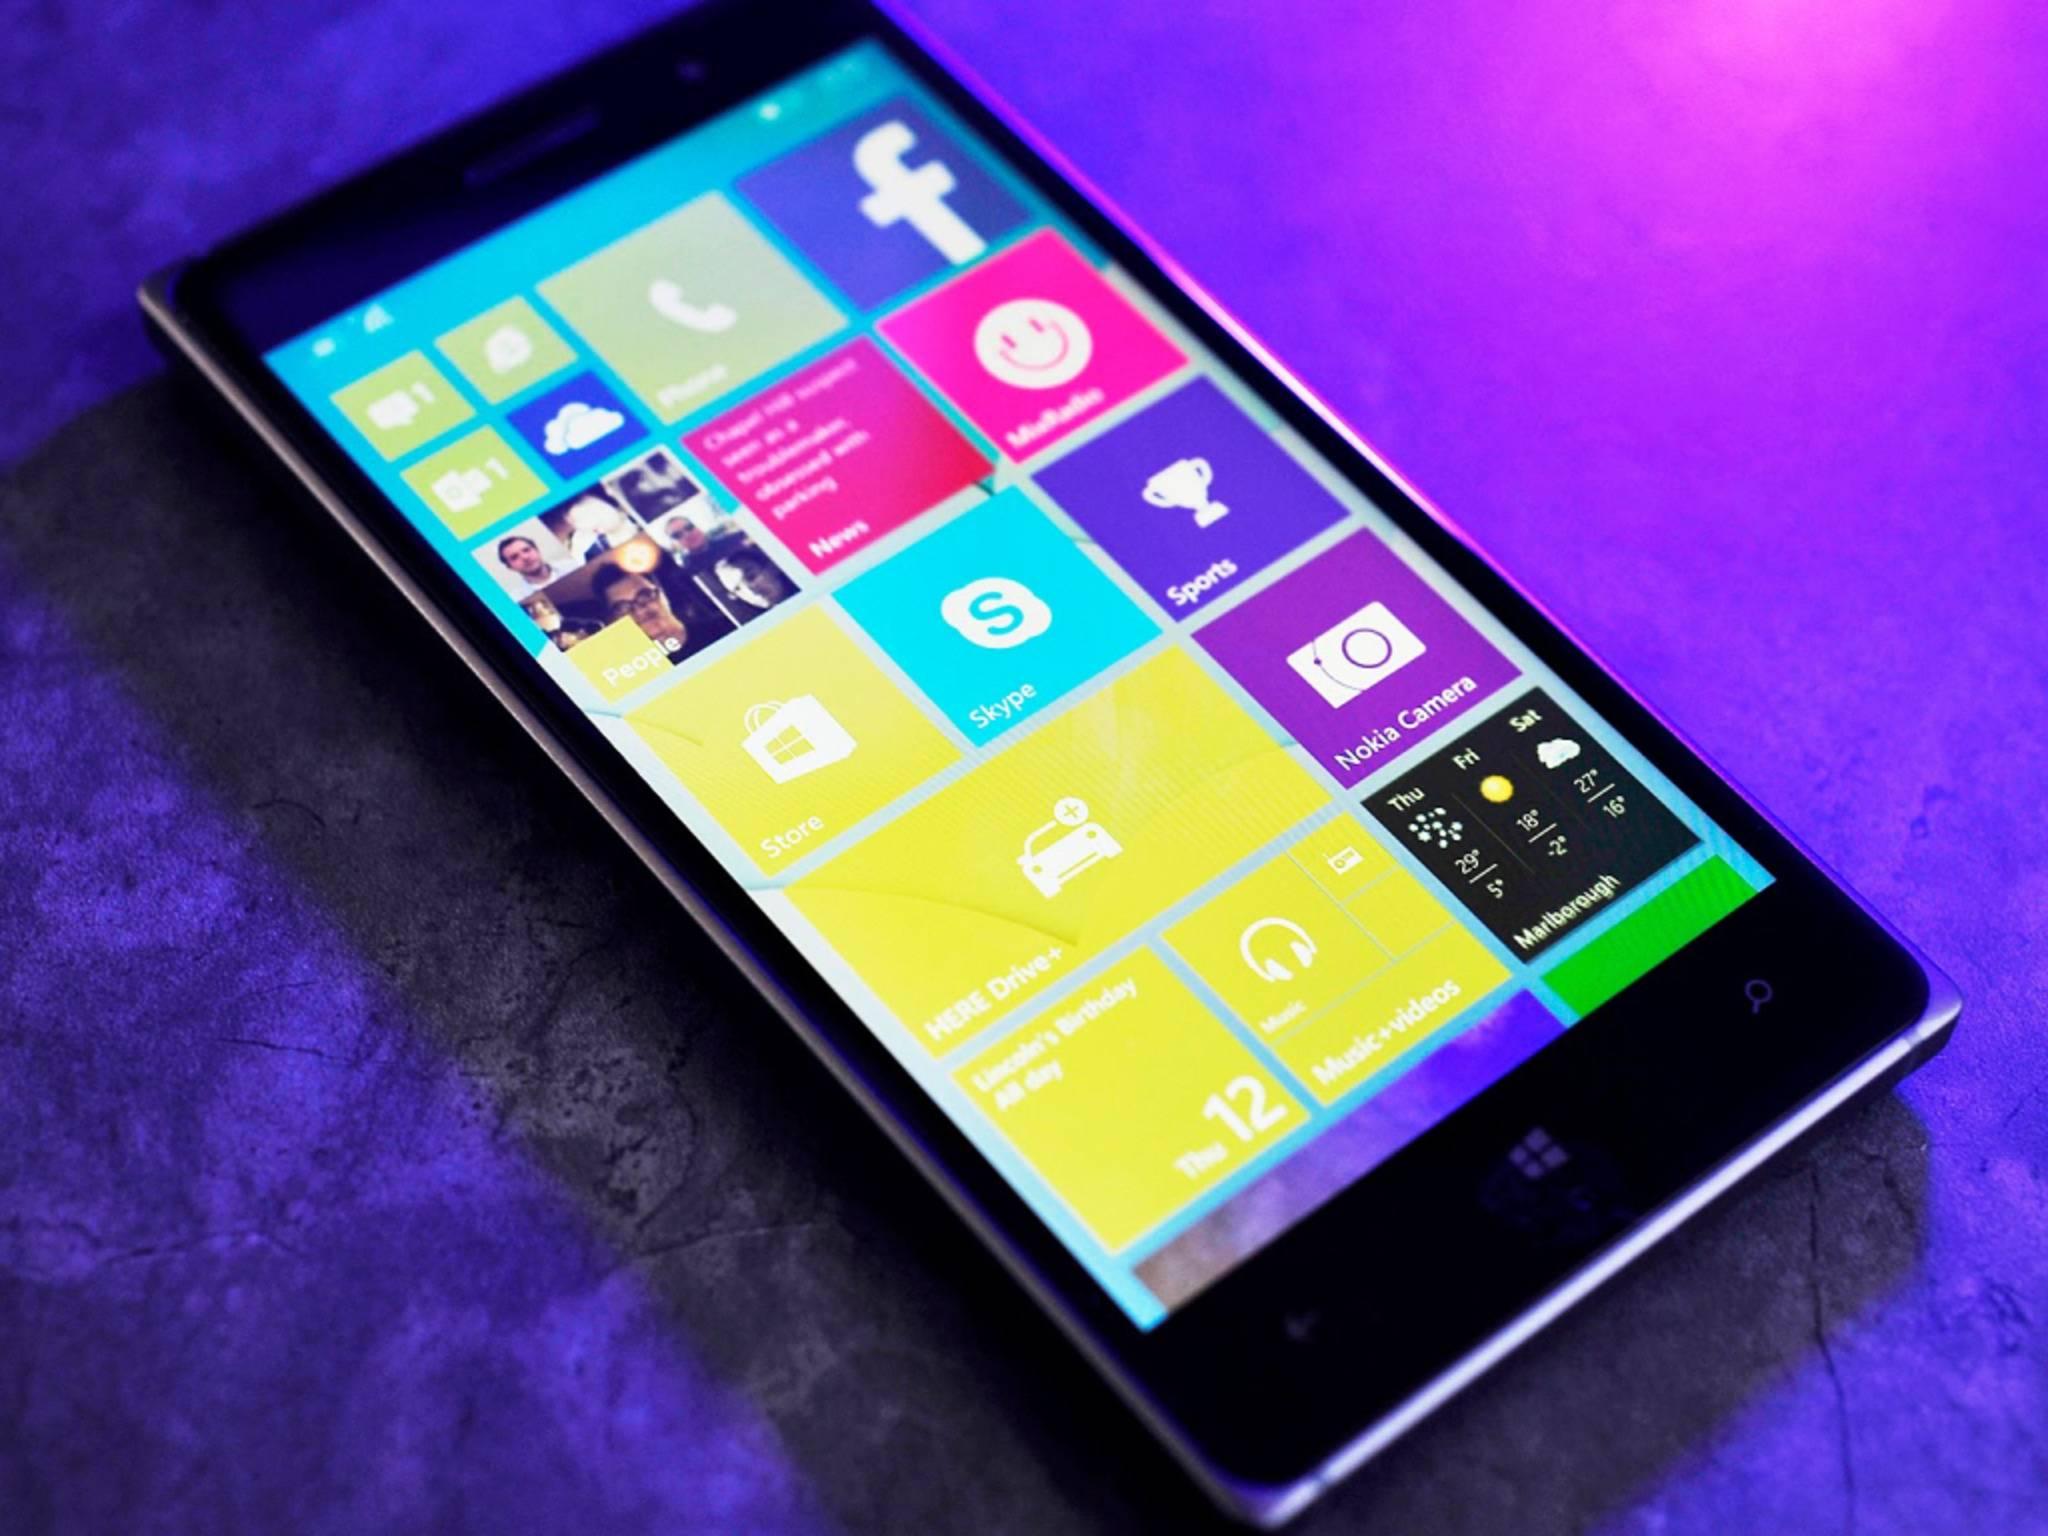 Microsoft Lumia 830 mit Windows 10 Mobile. Ob andere Geräte das Update auch erhalten, ist fraglich.